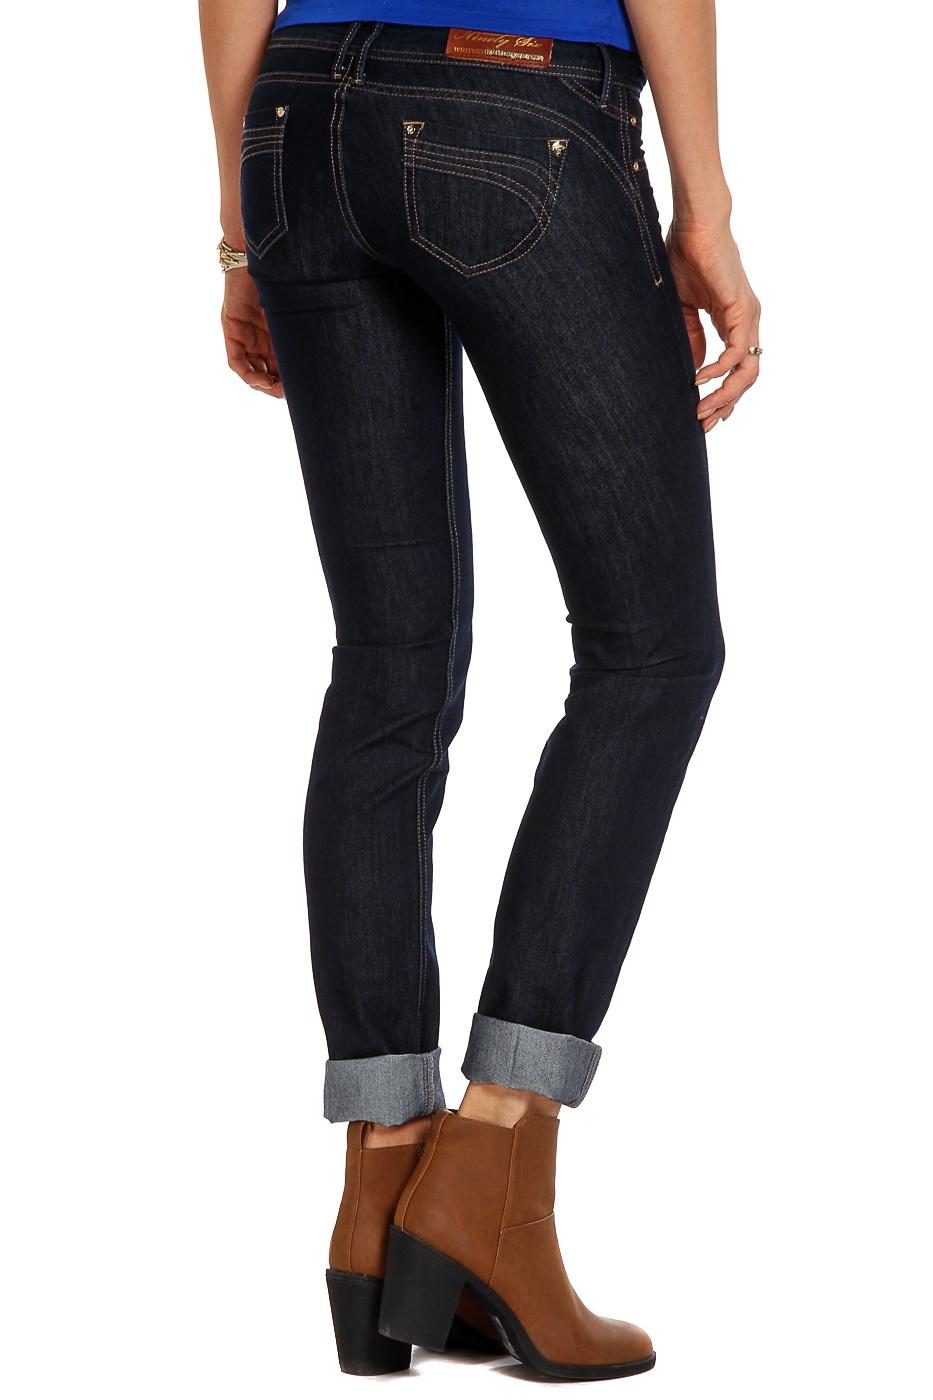 Джинсы WHITNEY джинсы из денима стретч